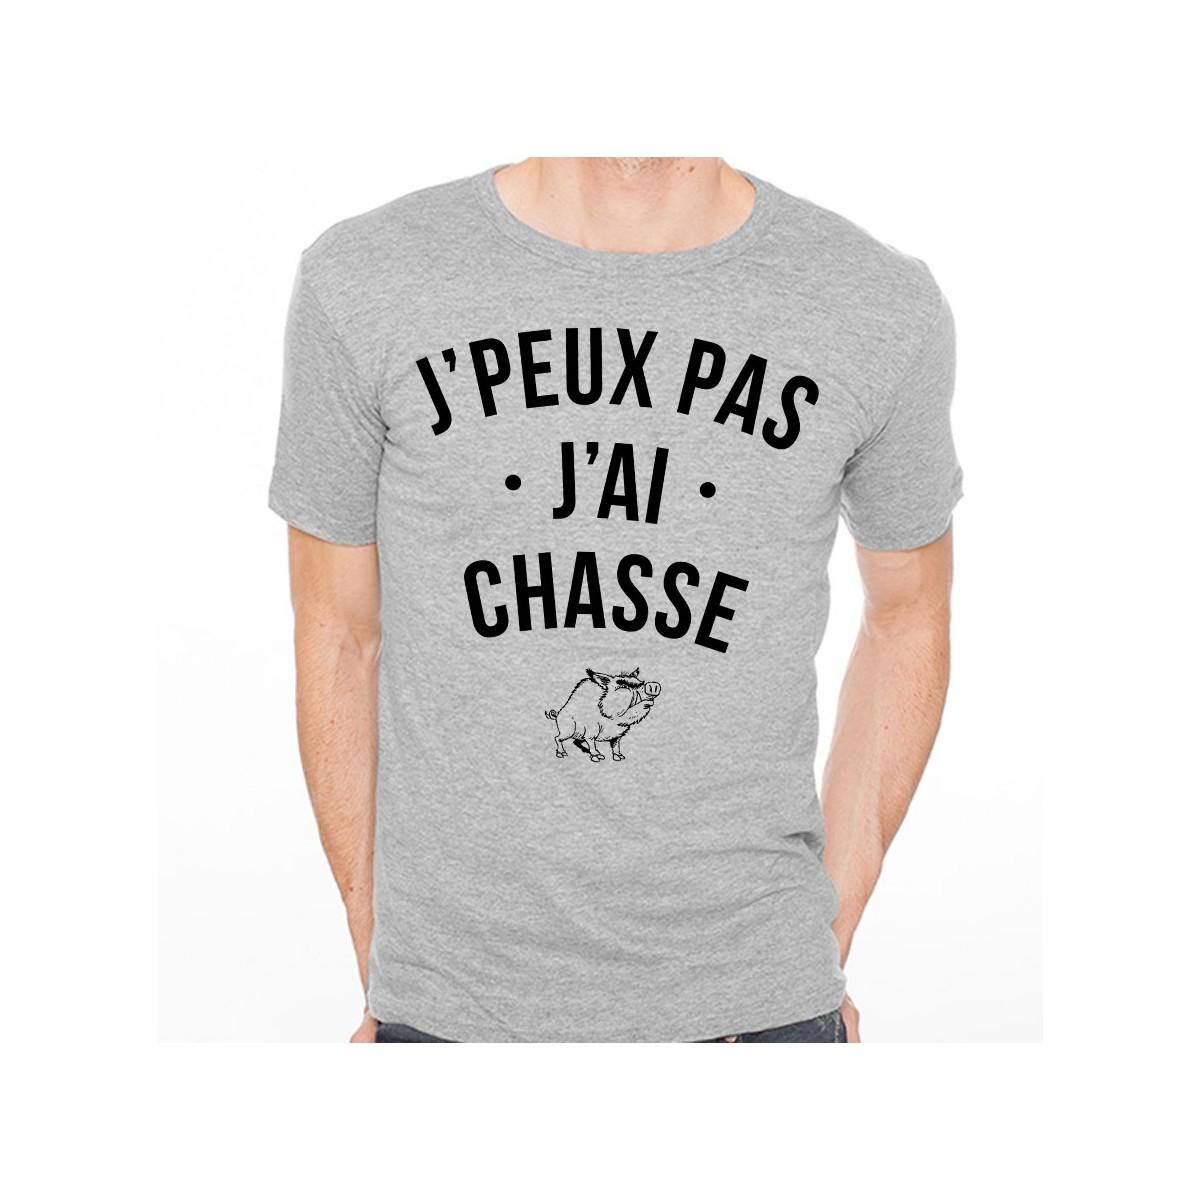 T-shirt J'peux pas j'ai chasse